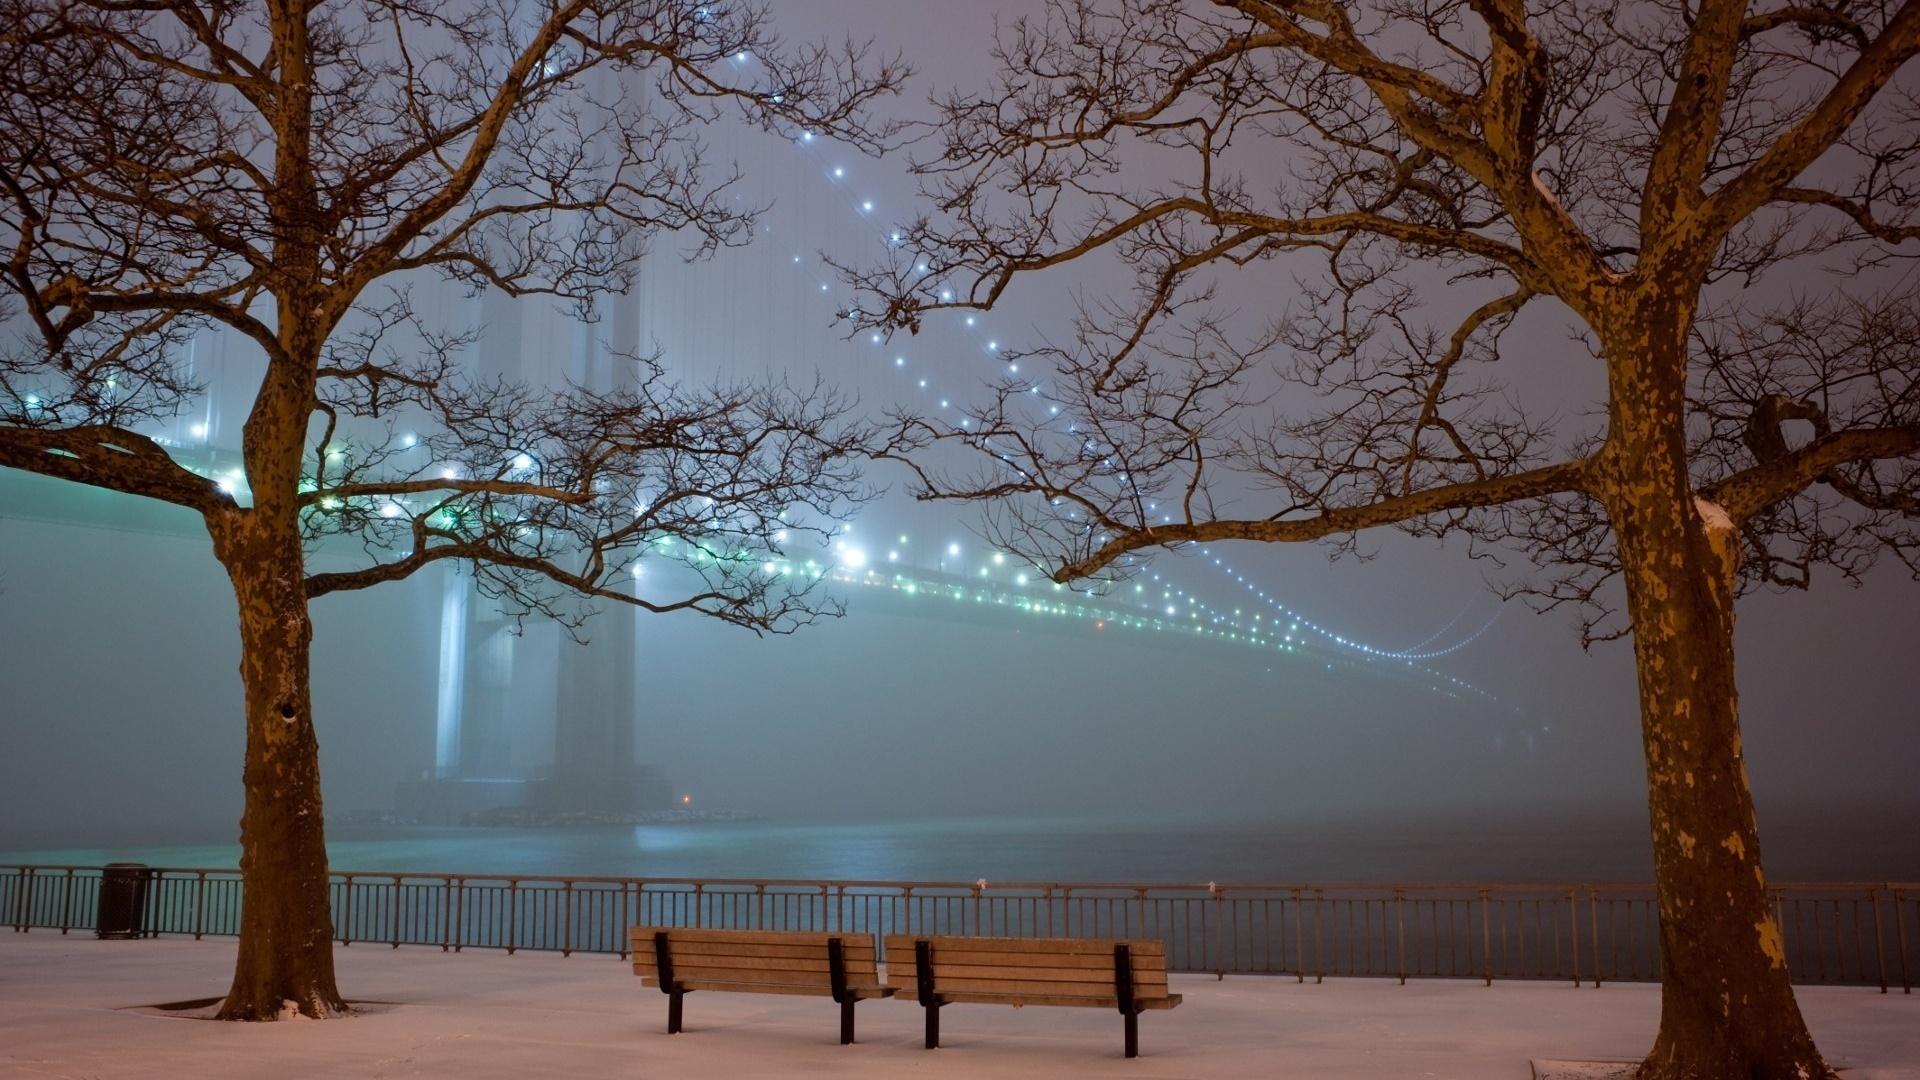 23881 скачать обои Пейзаж, Зима, Мосты, Деревья, Ночь - заставки и картинки бесплатно